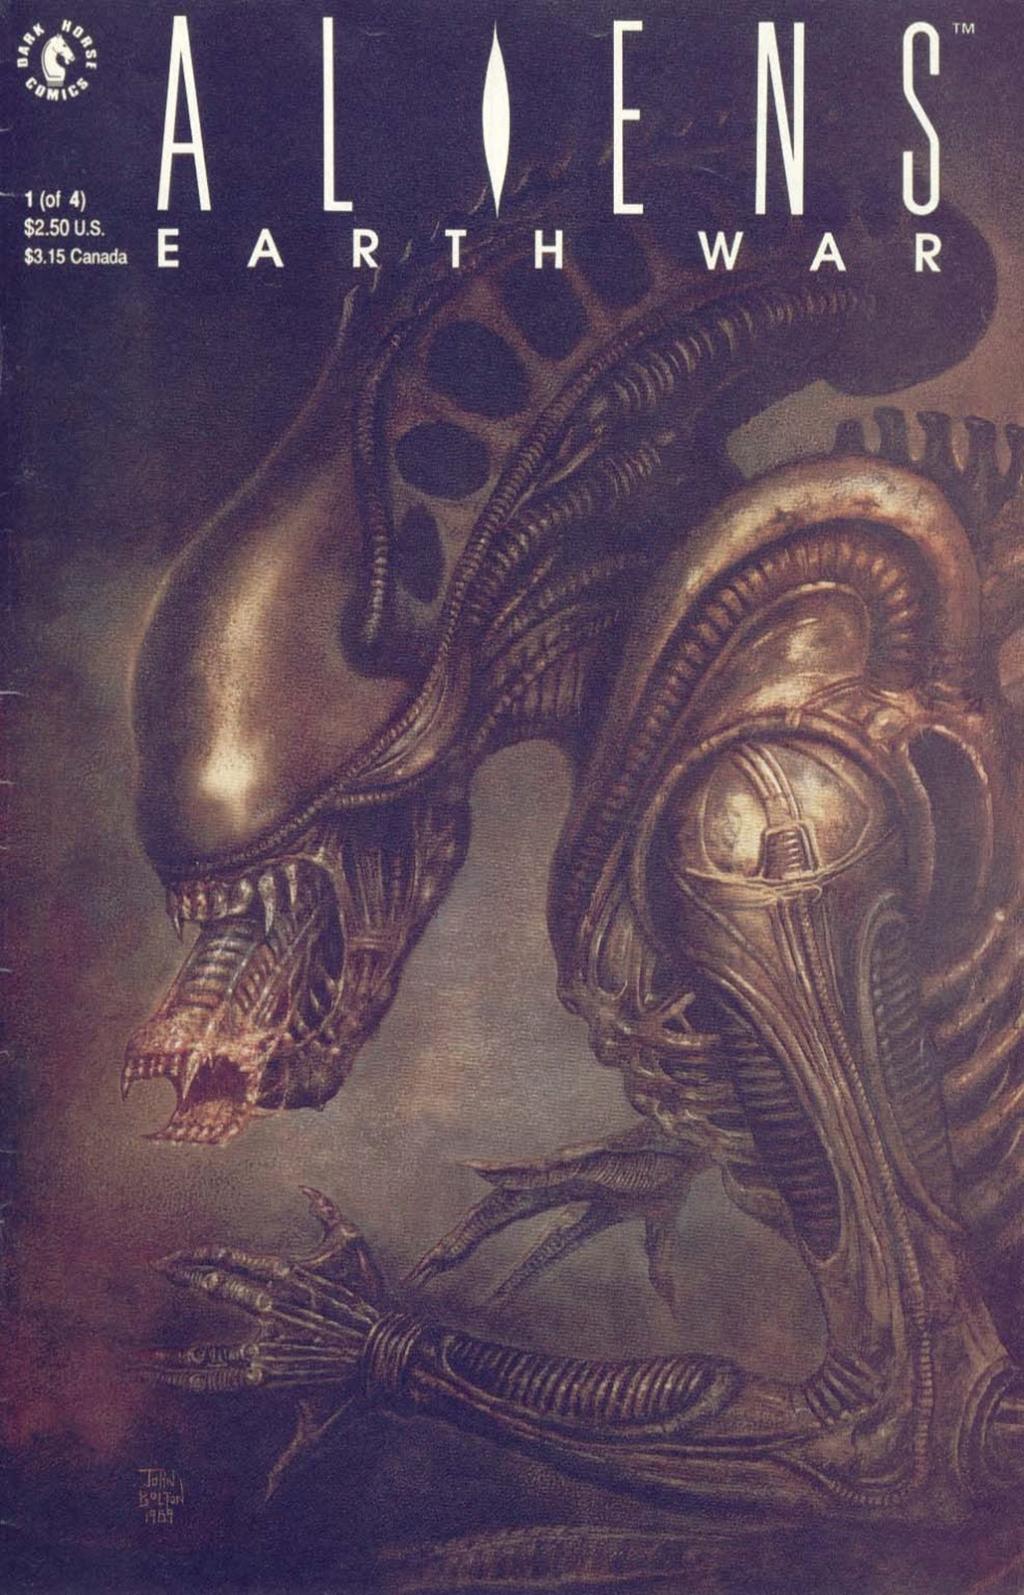 File:300px-Aliens earth war 1.jpg